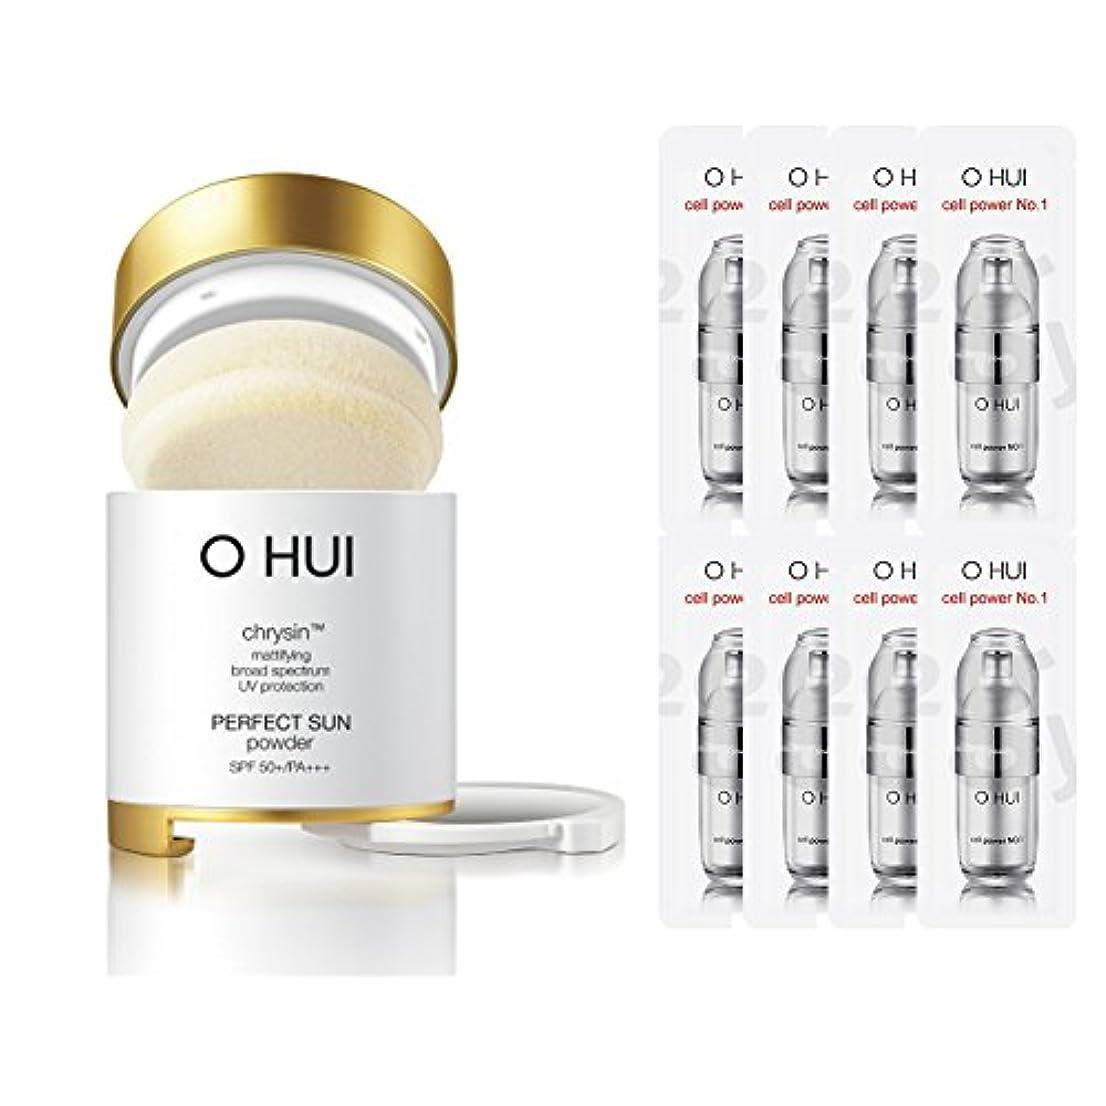 形容詞補助爆発OHUI/オフィ2015年 パーフェクトサンパウダー (OHUI Version Perfect Sun Powder SPF50++PA+++ Special Gift set) スポット [海外直送品] (2号ベージュ)